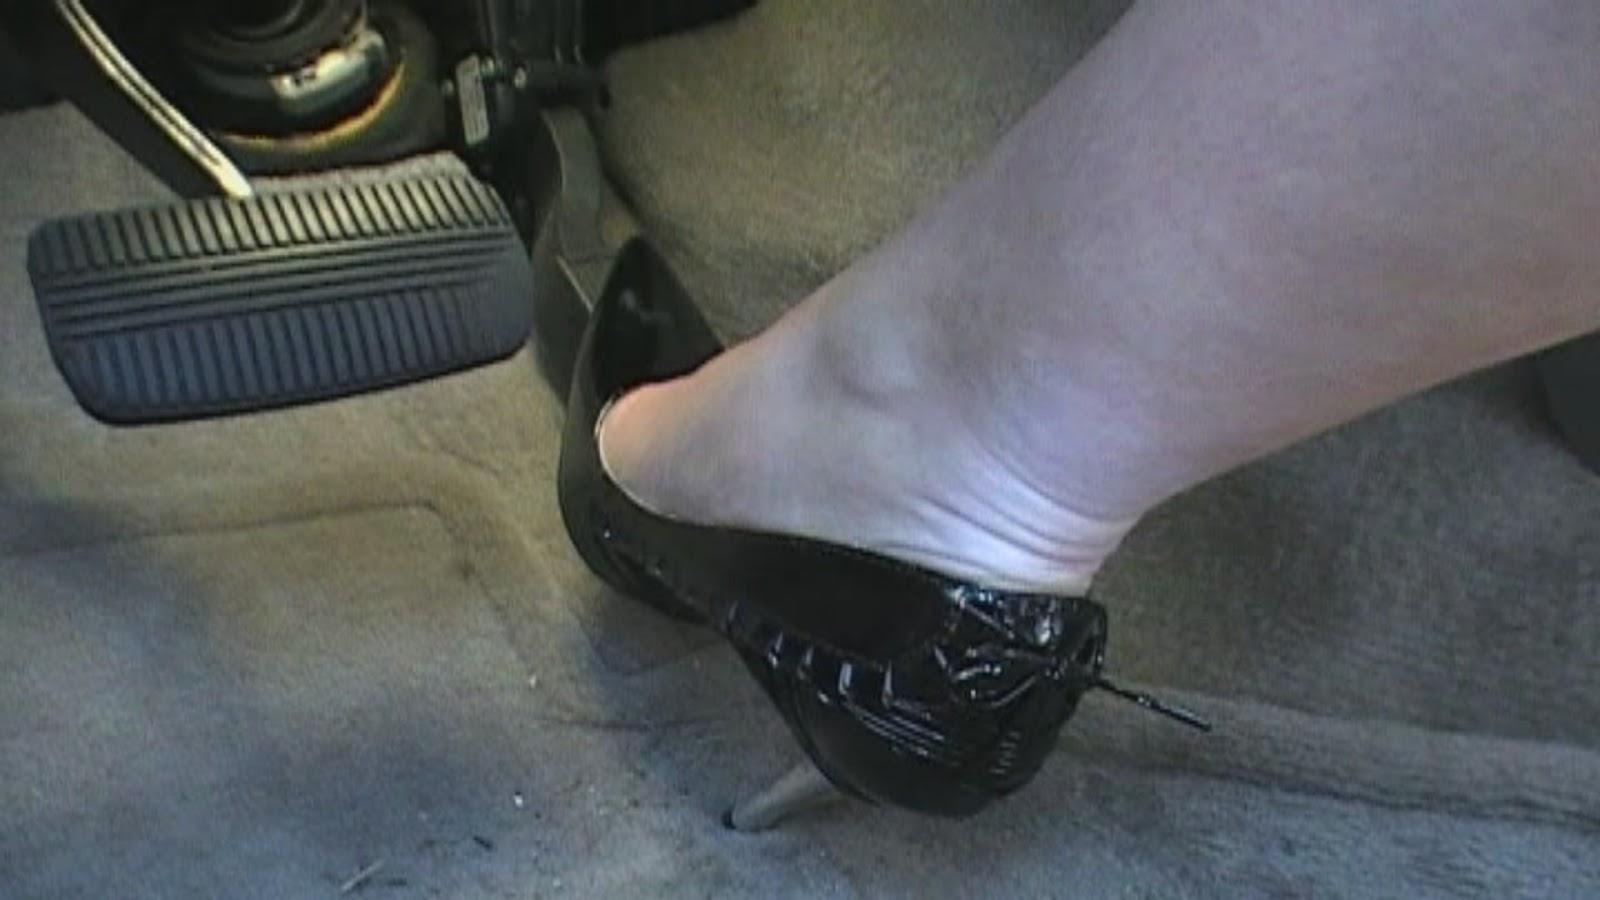 Pedal Pumping Flooring : Women high heels flooring gas pedal hot girls wallpaper